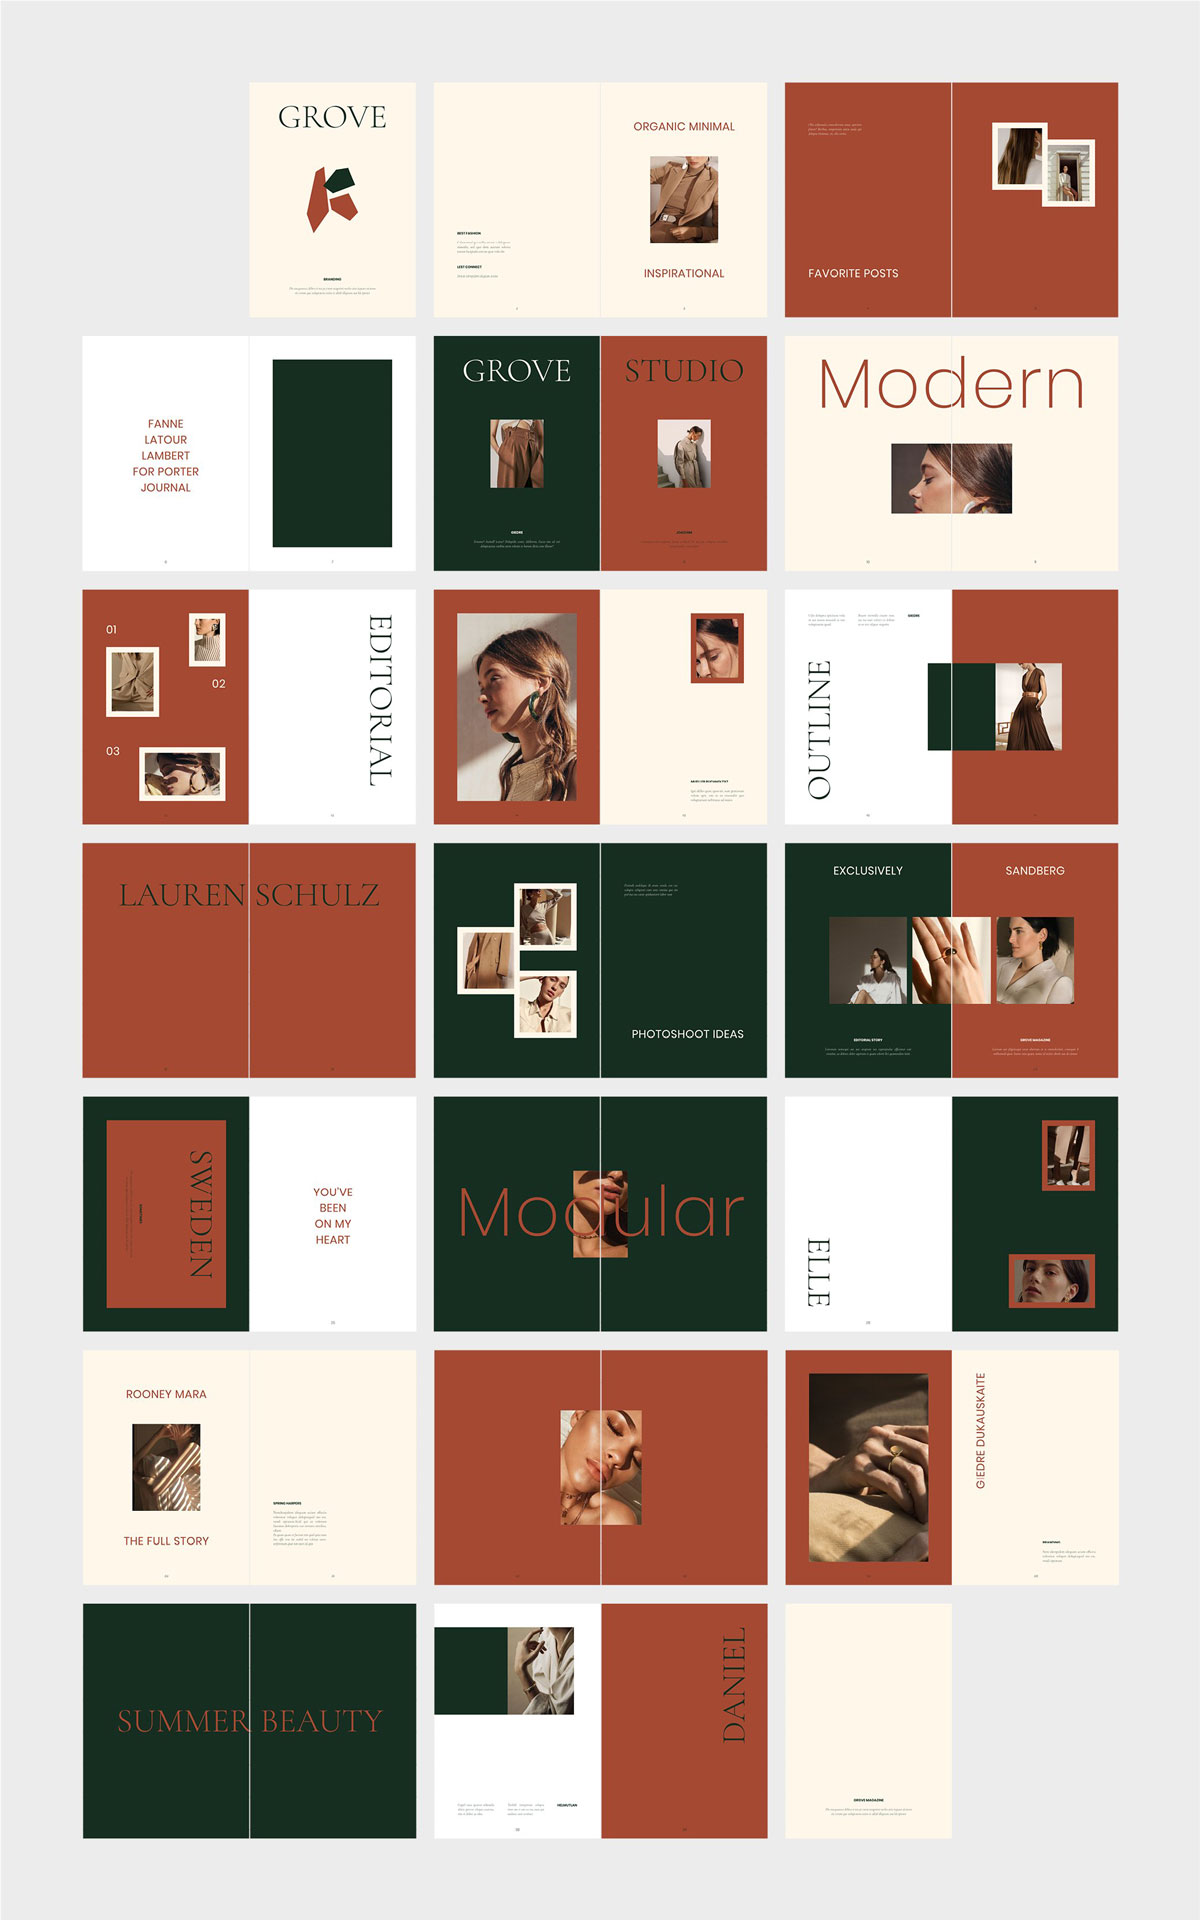 国际大牌服装设计摄影作品集杂志宣传画册目录INDD模板 GROVE Editorial Lookbook Magazine插图(6)